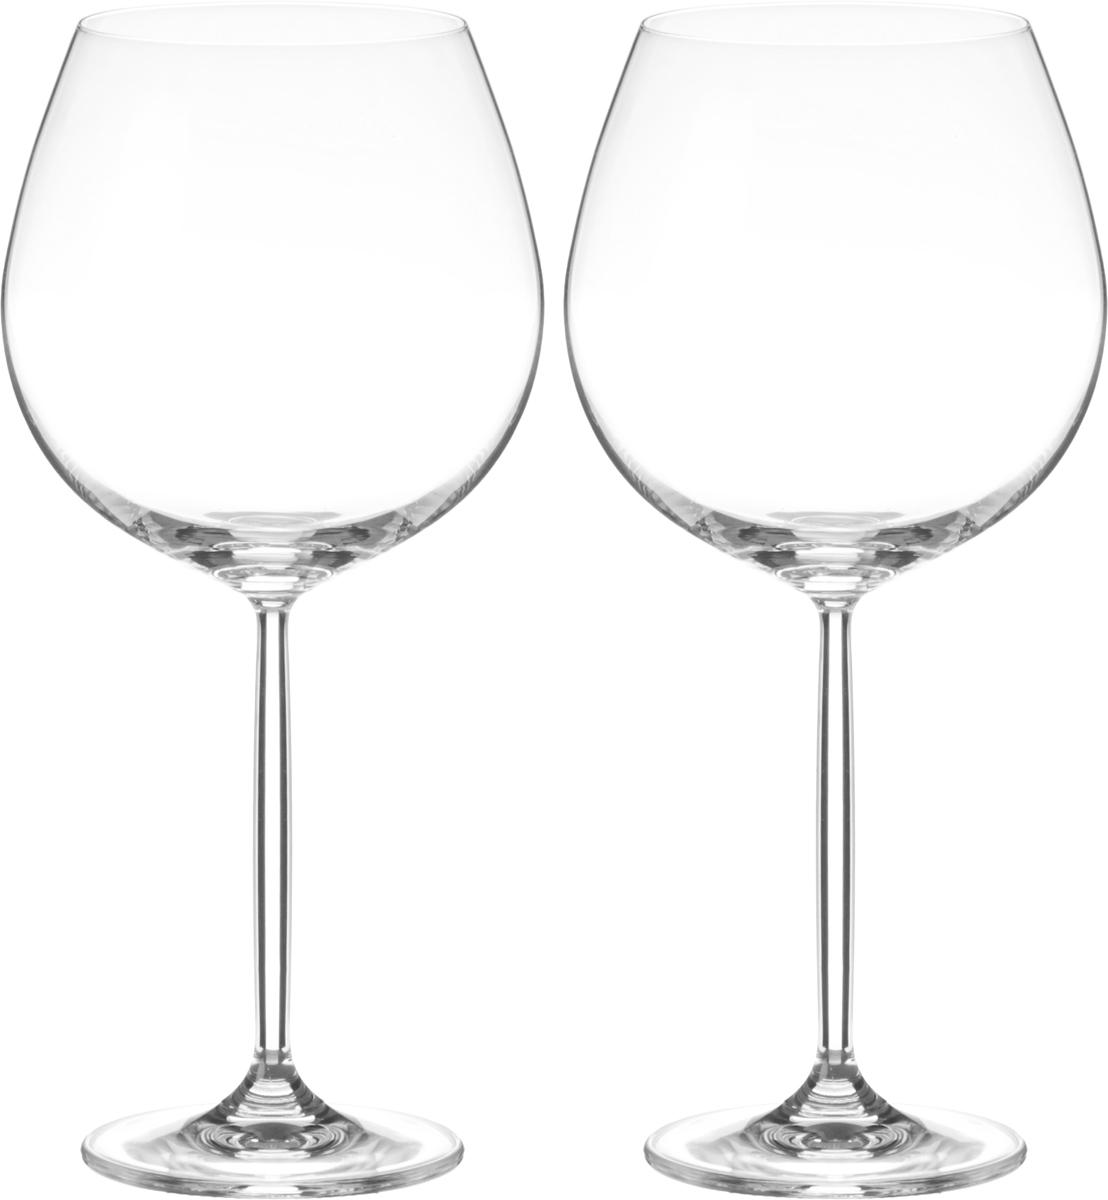 Набор бокалов для вина Wilmax, 850 мл, 2 штWL-888004 / 2CНабор Wilmax состоит из двух бокалов, выполненных из стекла. Изделия оснащены высокими ножками и предназначены для подачи вина. Они сочетают в себе элегантный дизайн и функциональность. Набор бокалов Wilmax прекрасно оформит праздничный стол и создаст приятную атмосферу за романтическим ужином. Такой набор также станет хорошим подарком к любому случаю. Бокалы можно мыть в посудомоечной машине.Диаметр бокала по верхнему краю: 8 см.Диаметр основания: 8,3 см.Высота бокала: 25 см.